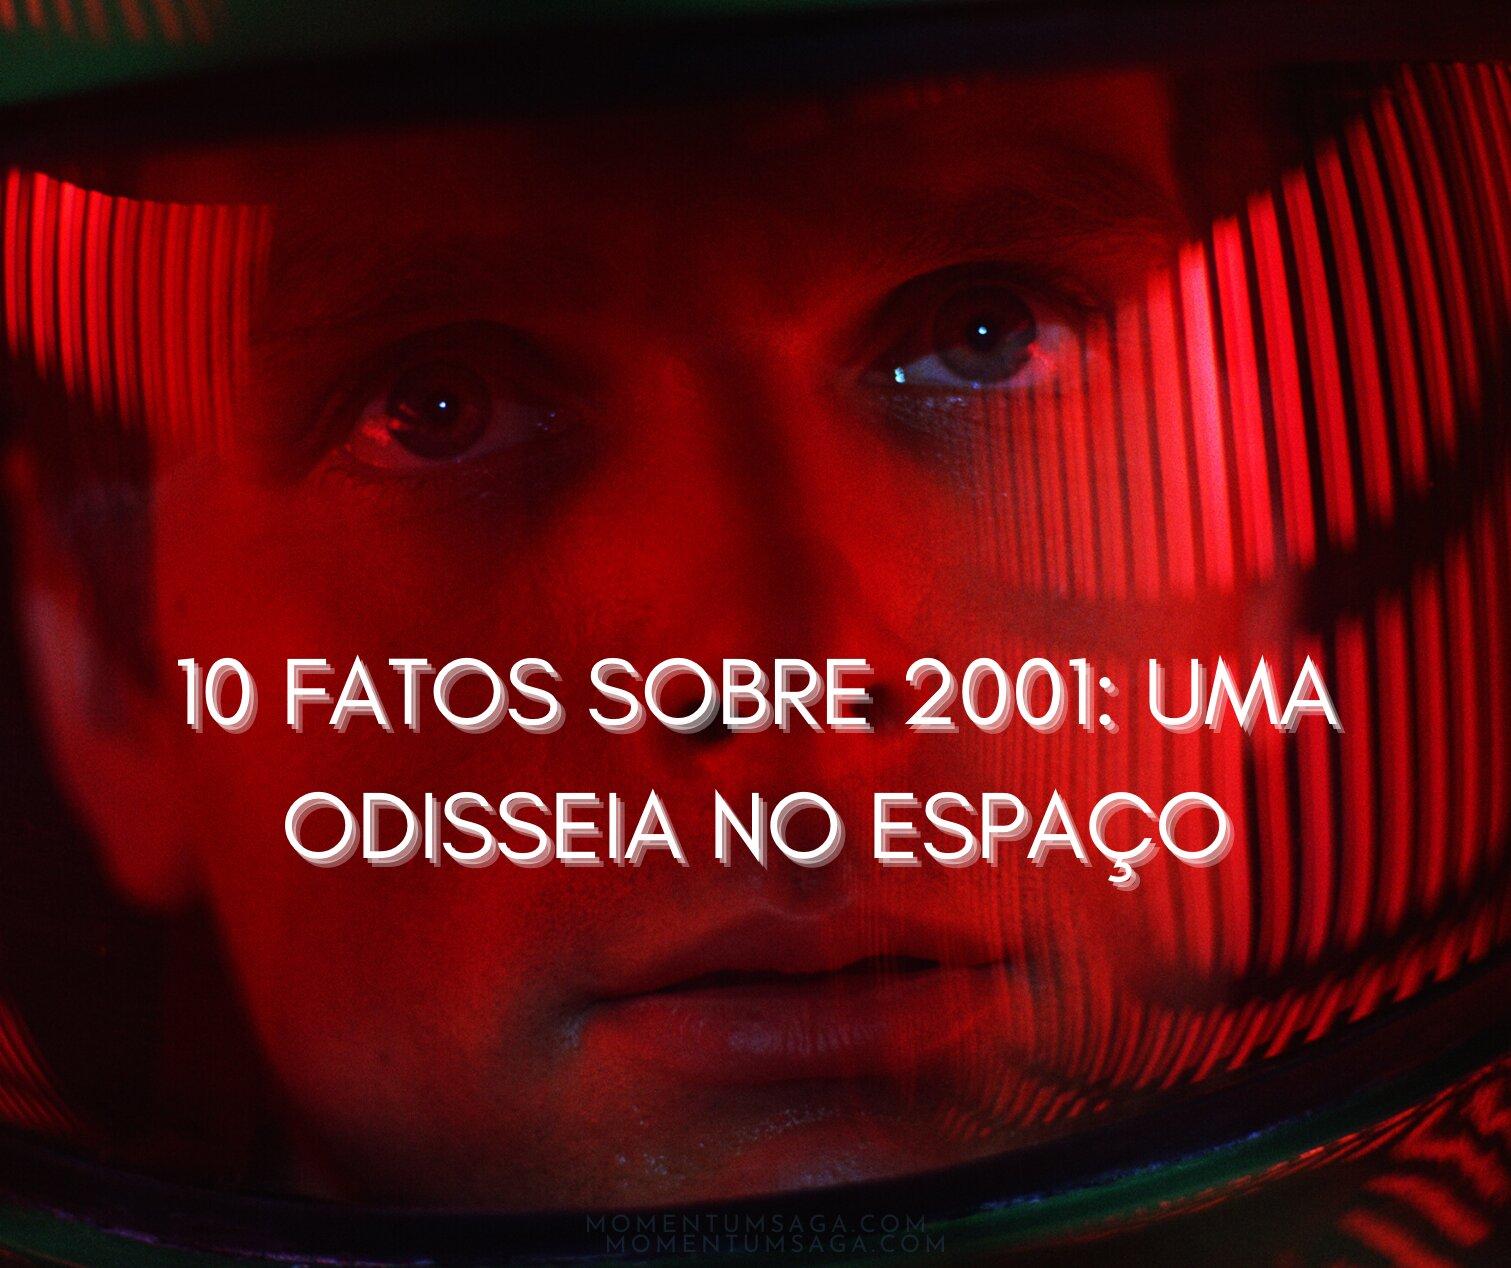 10 coisas que você não sabia sobre 2001: Uma odisseia no espaço